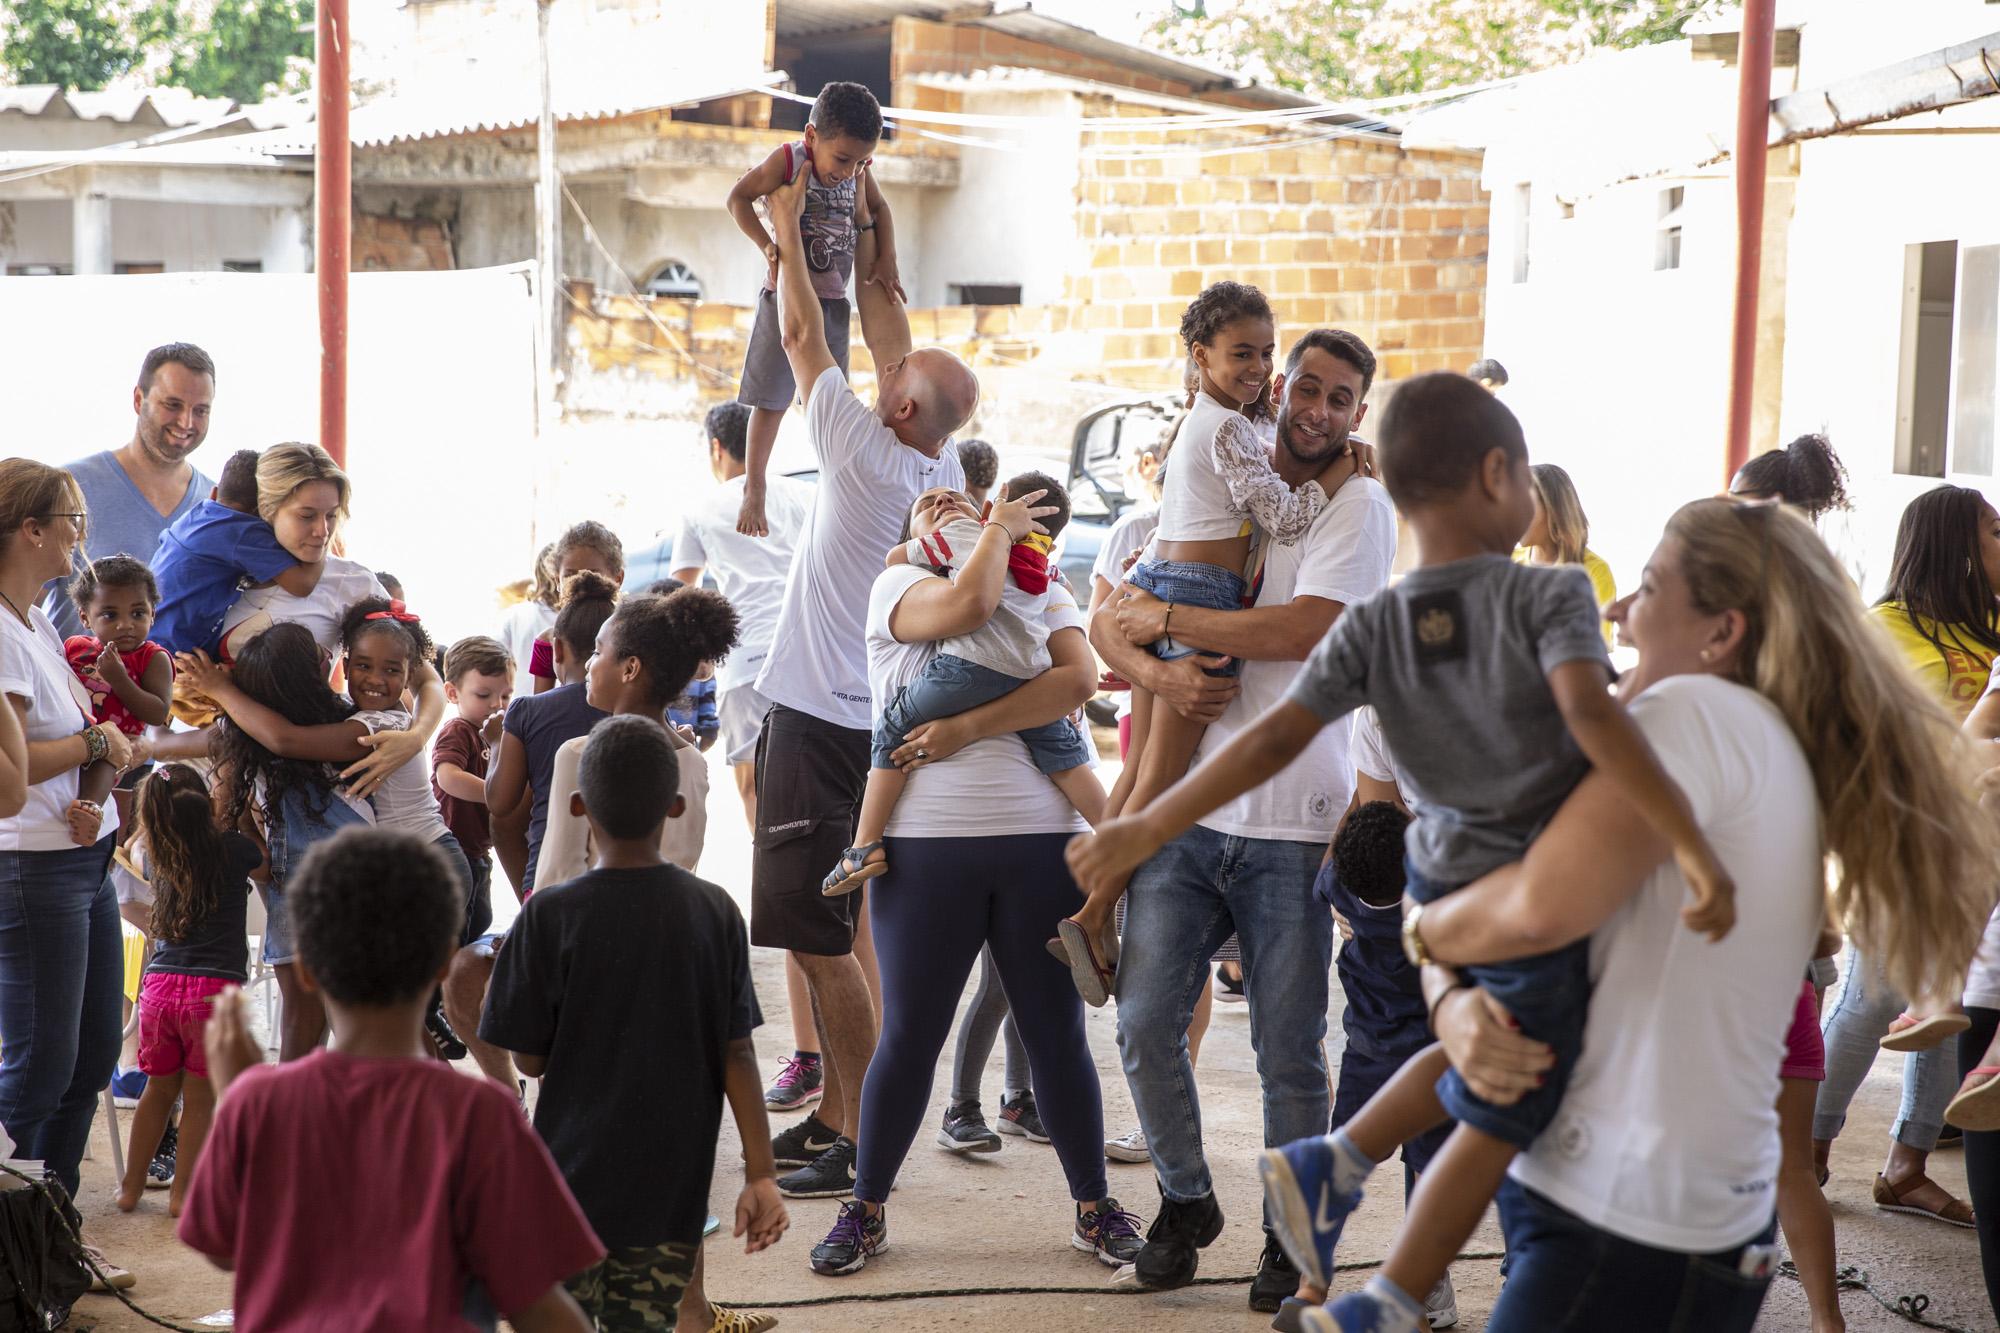 Causa da Educação, representada por Fernanda Gentil,é a grande vencedora da promoçãoGanhou, Causouda Nestlé 9